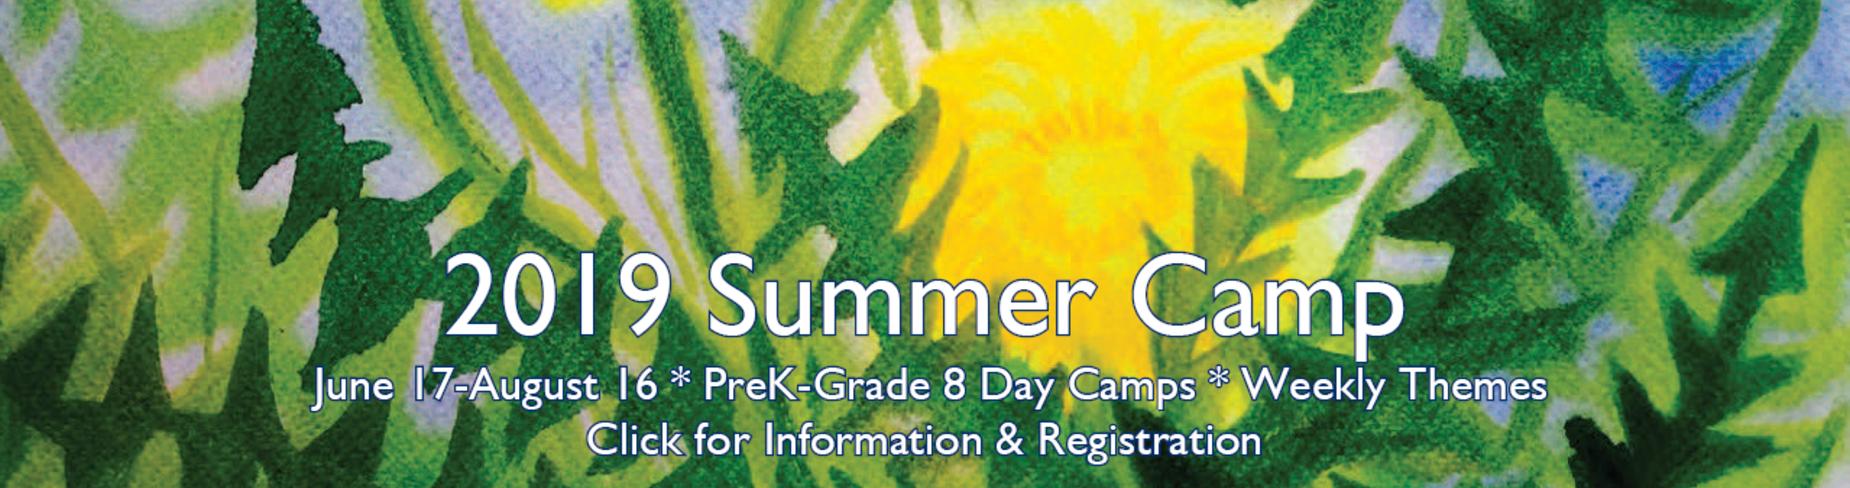 2019 Summer Camp Registration Link